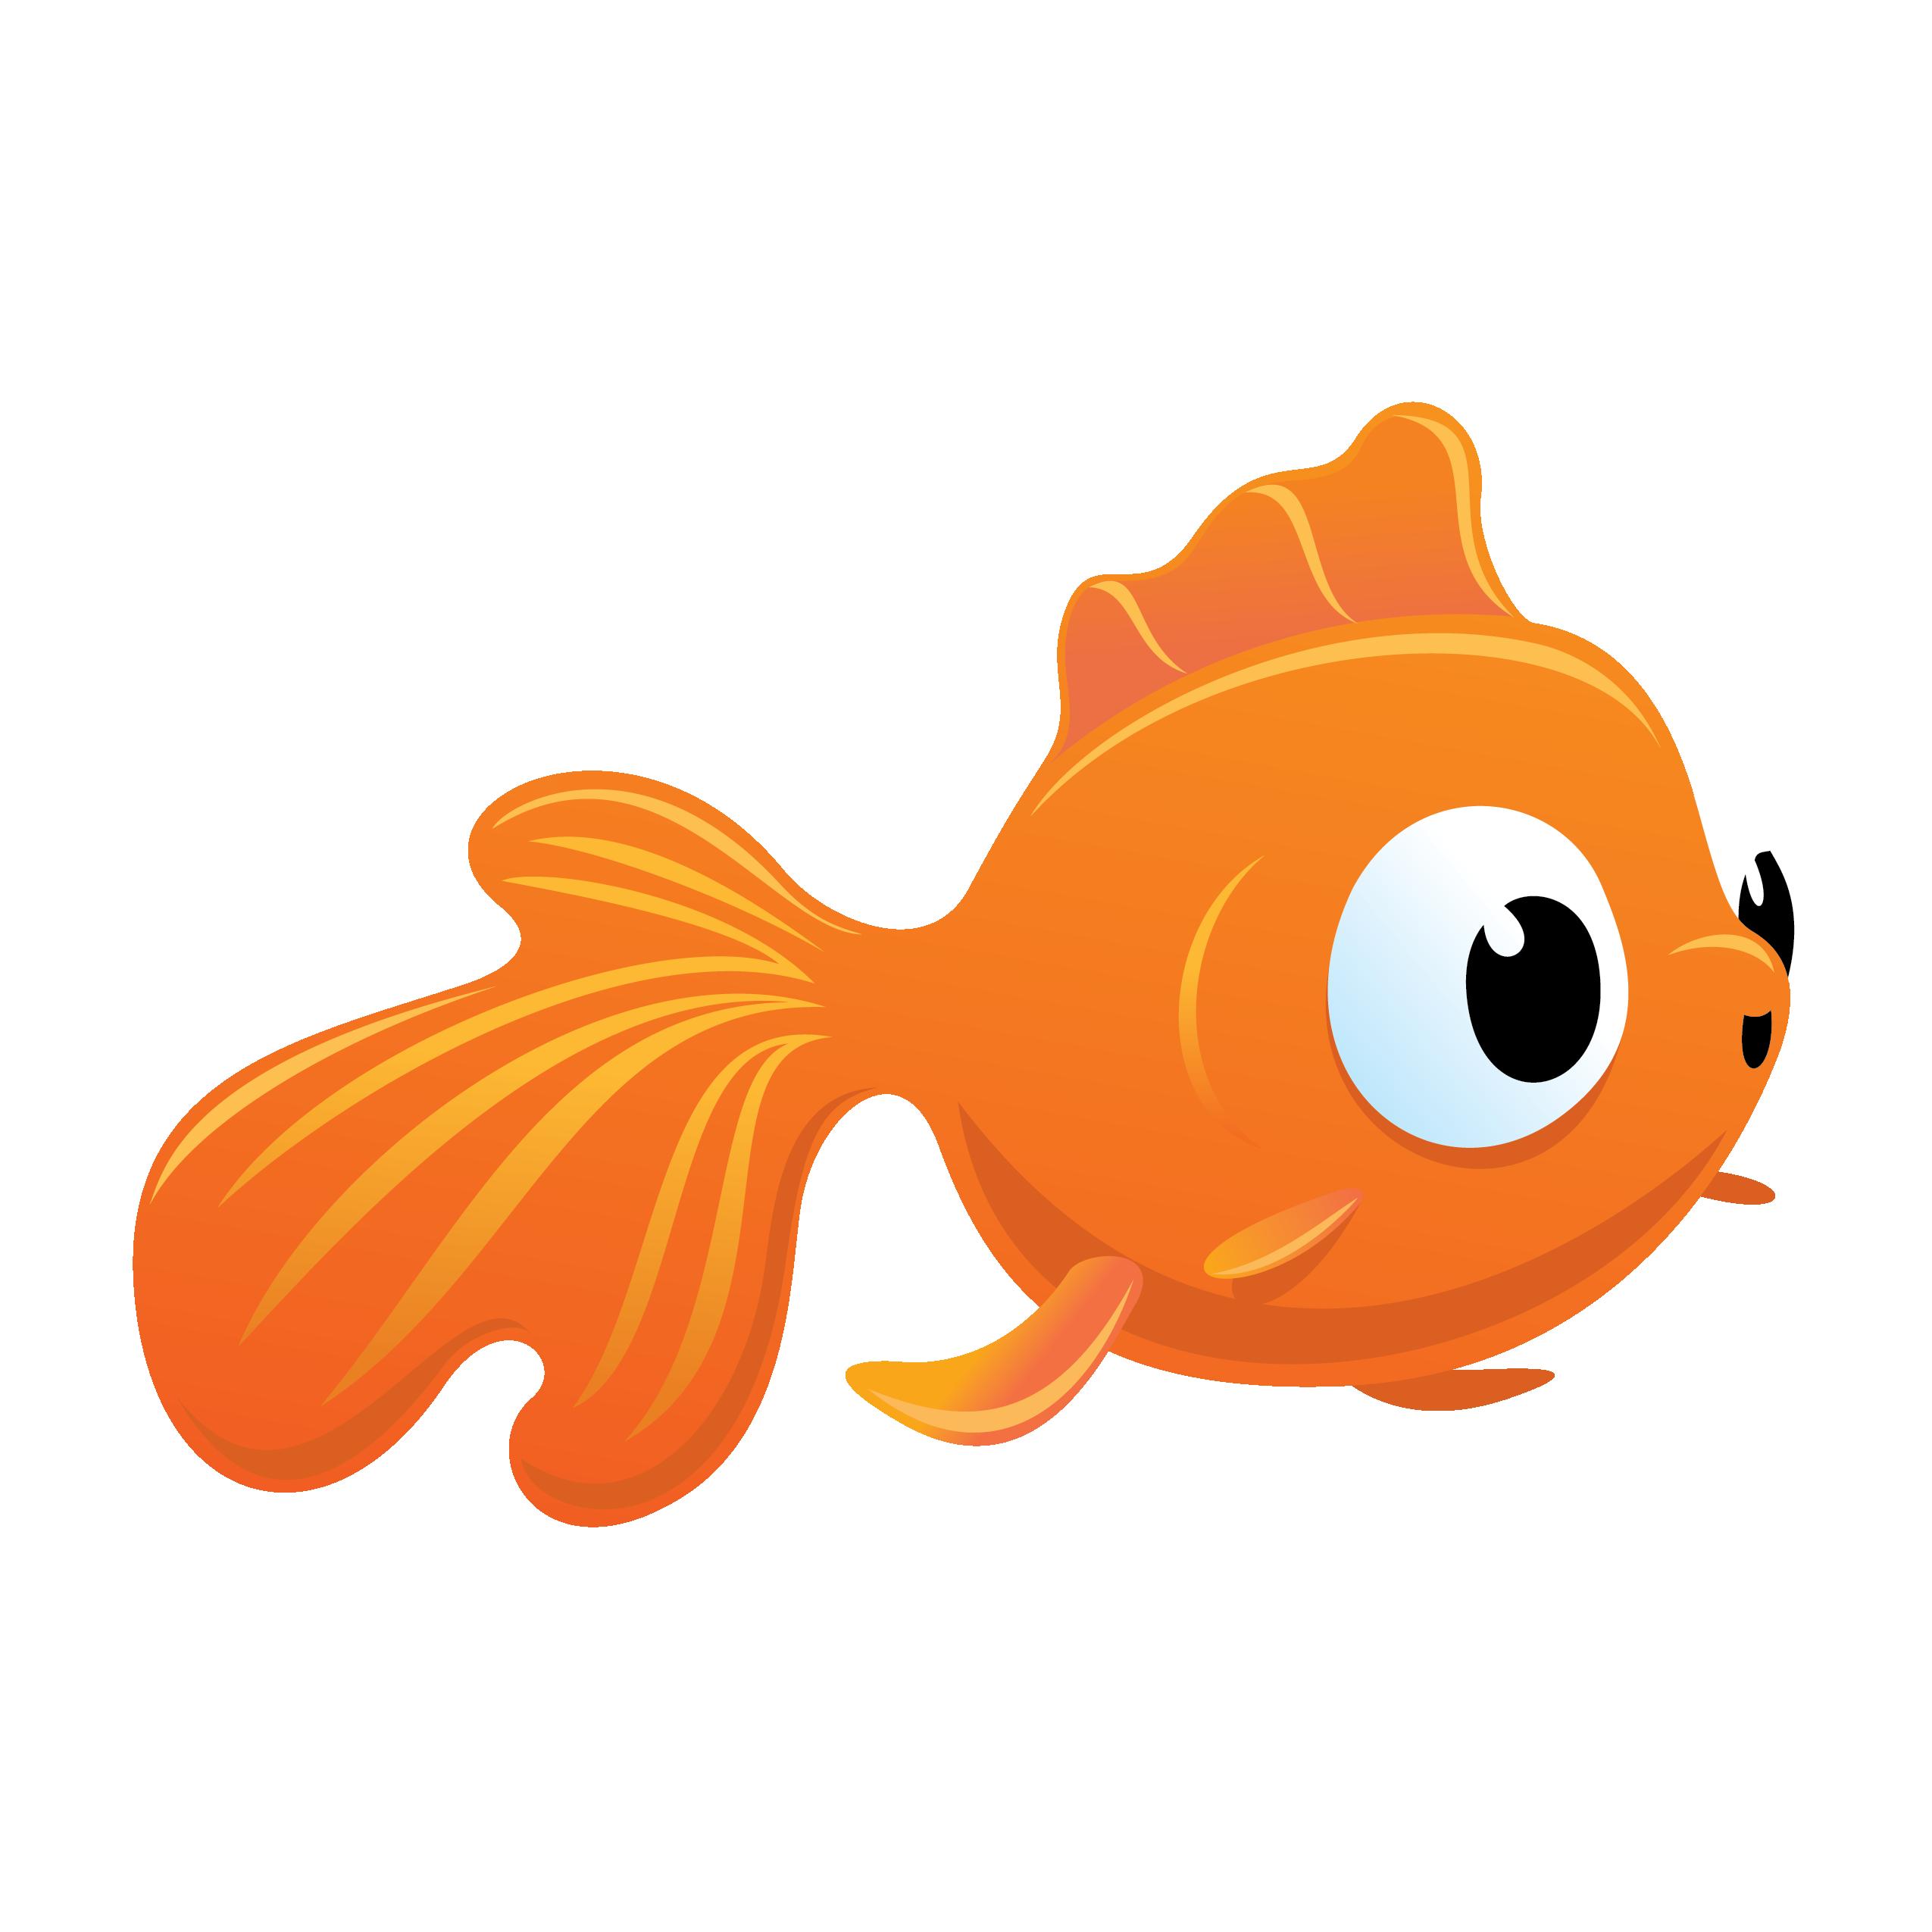 goldfish clipart mascot